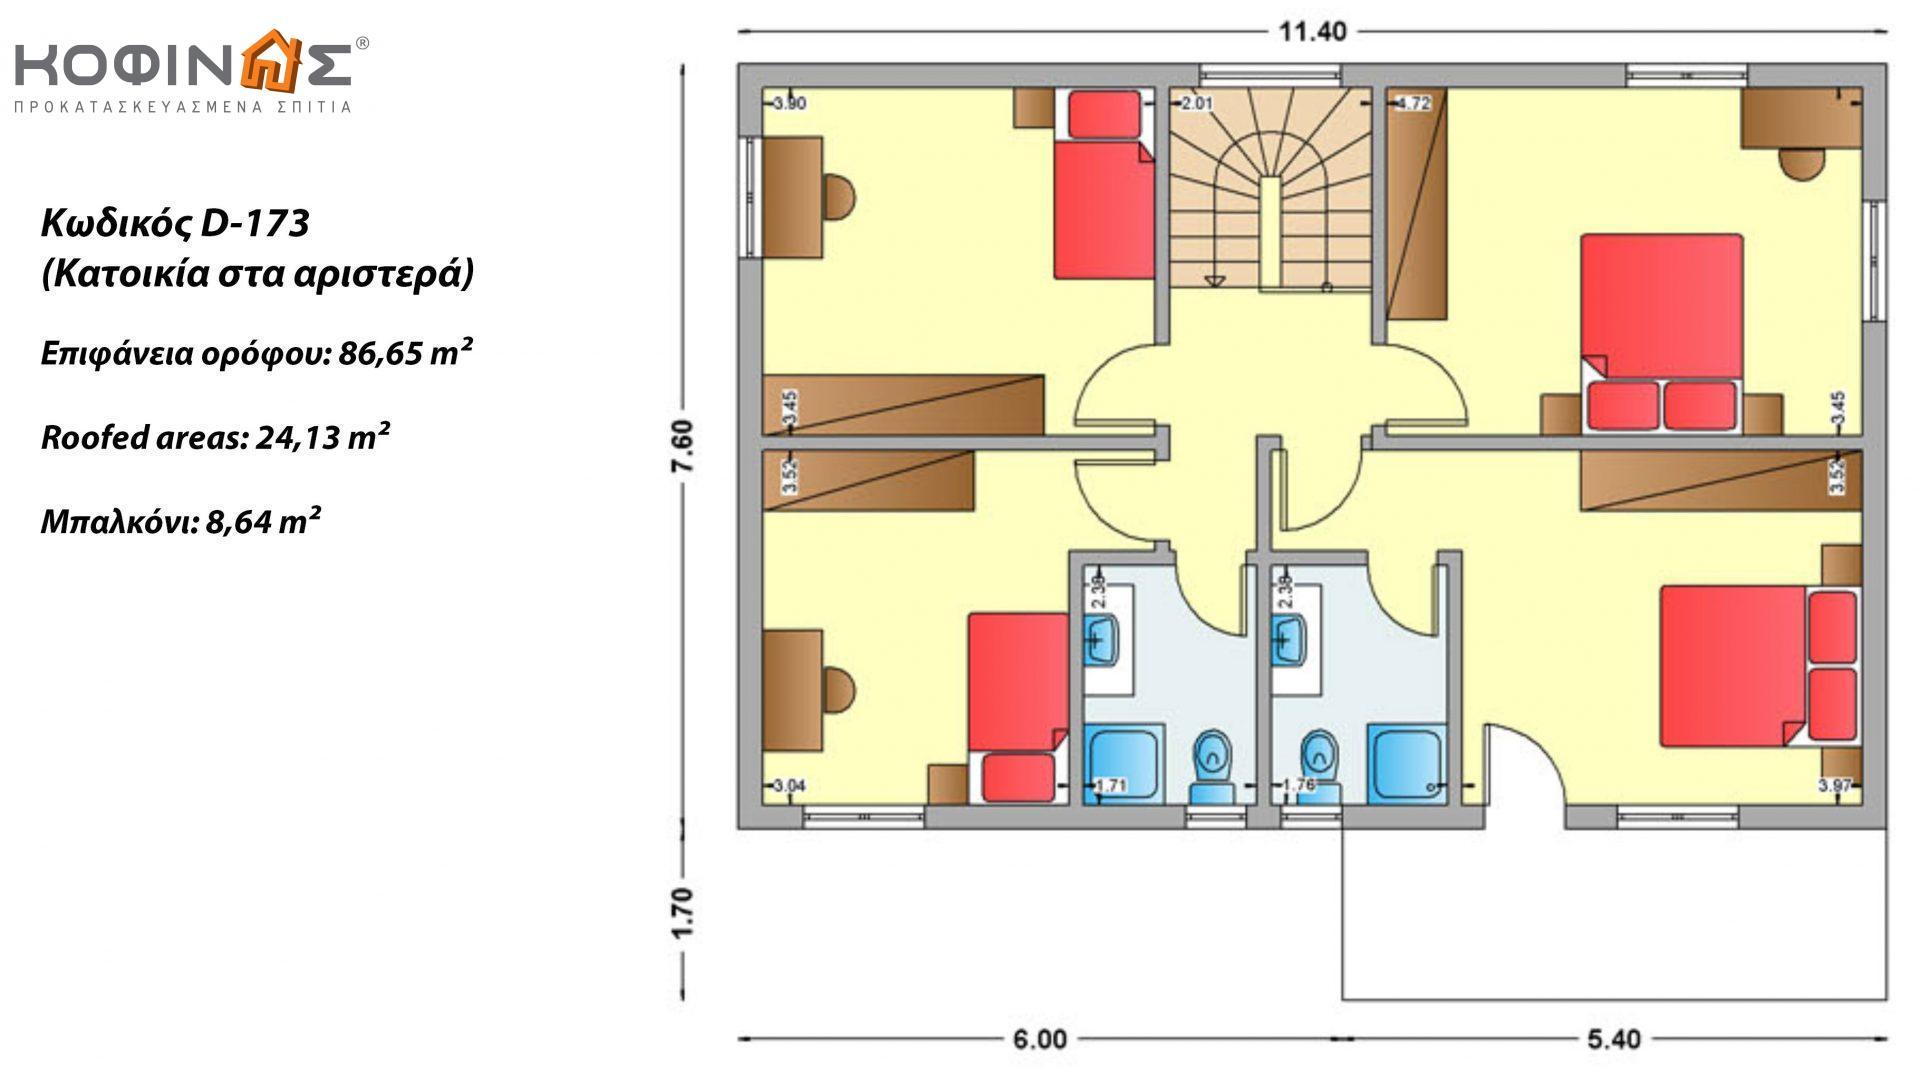 Διώροφη Κατοικία D-173, συνολικής επιφάνειας 173,30 τ.μ., συνολική επιφάνεια στεγασμένων χώρων 32.77 τ.μ., μπαλκόνι 8.64 τ.μ.